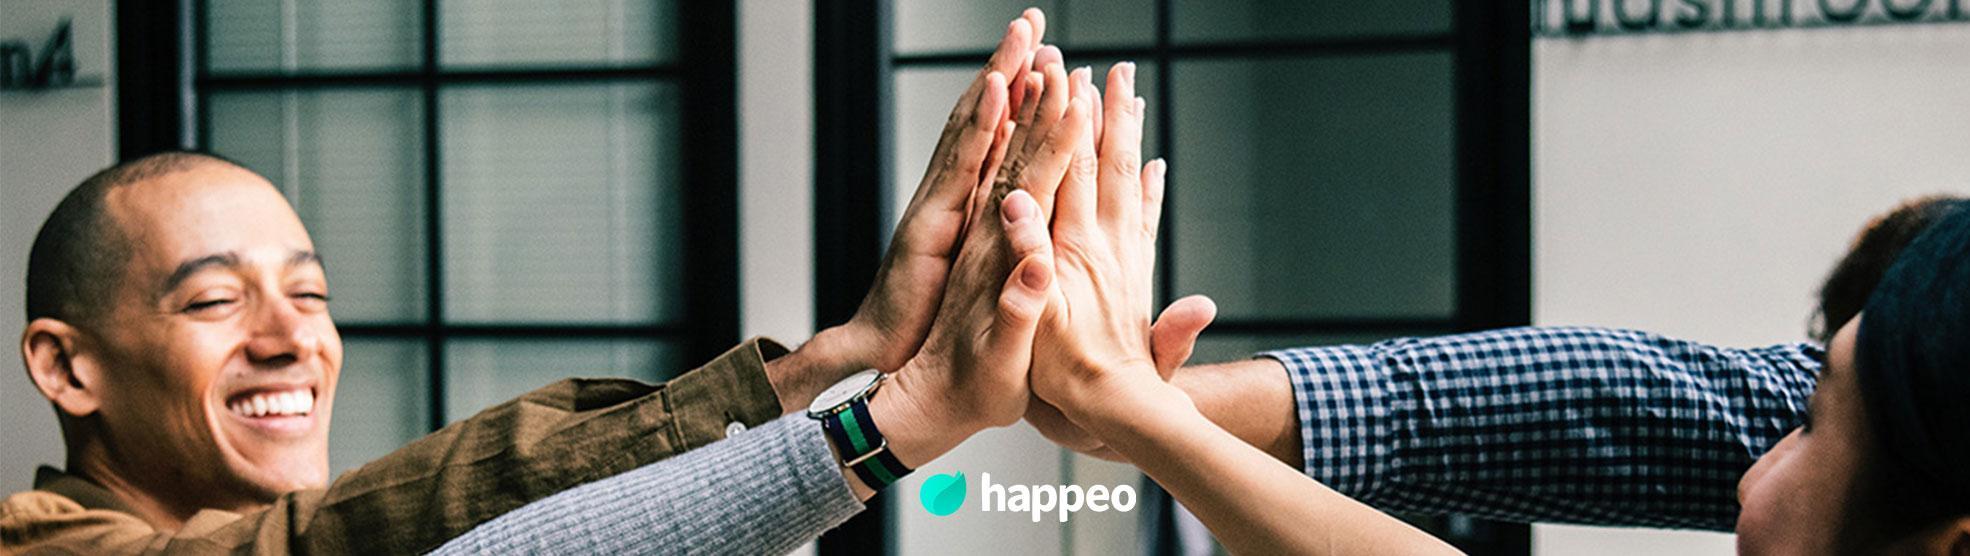 Recensioni Happeo: Un digital workplace unificato - appvizer